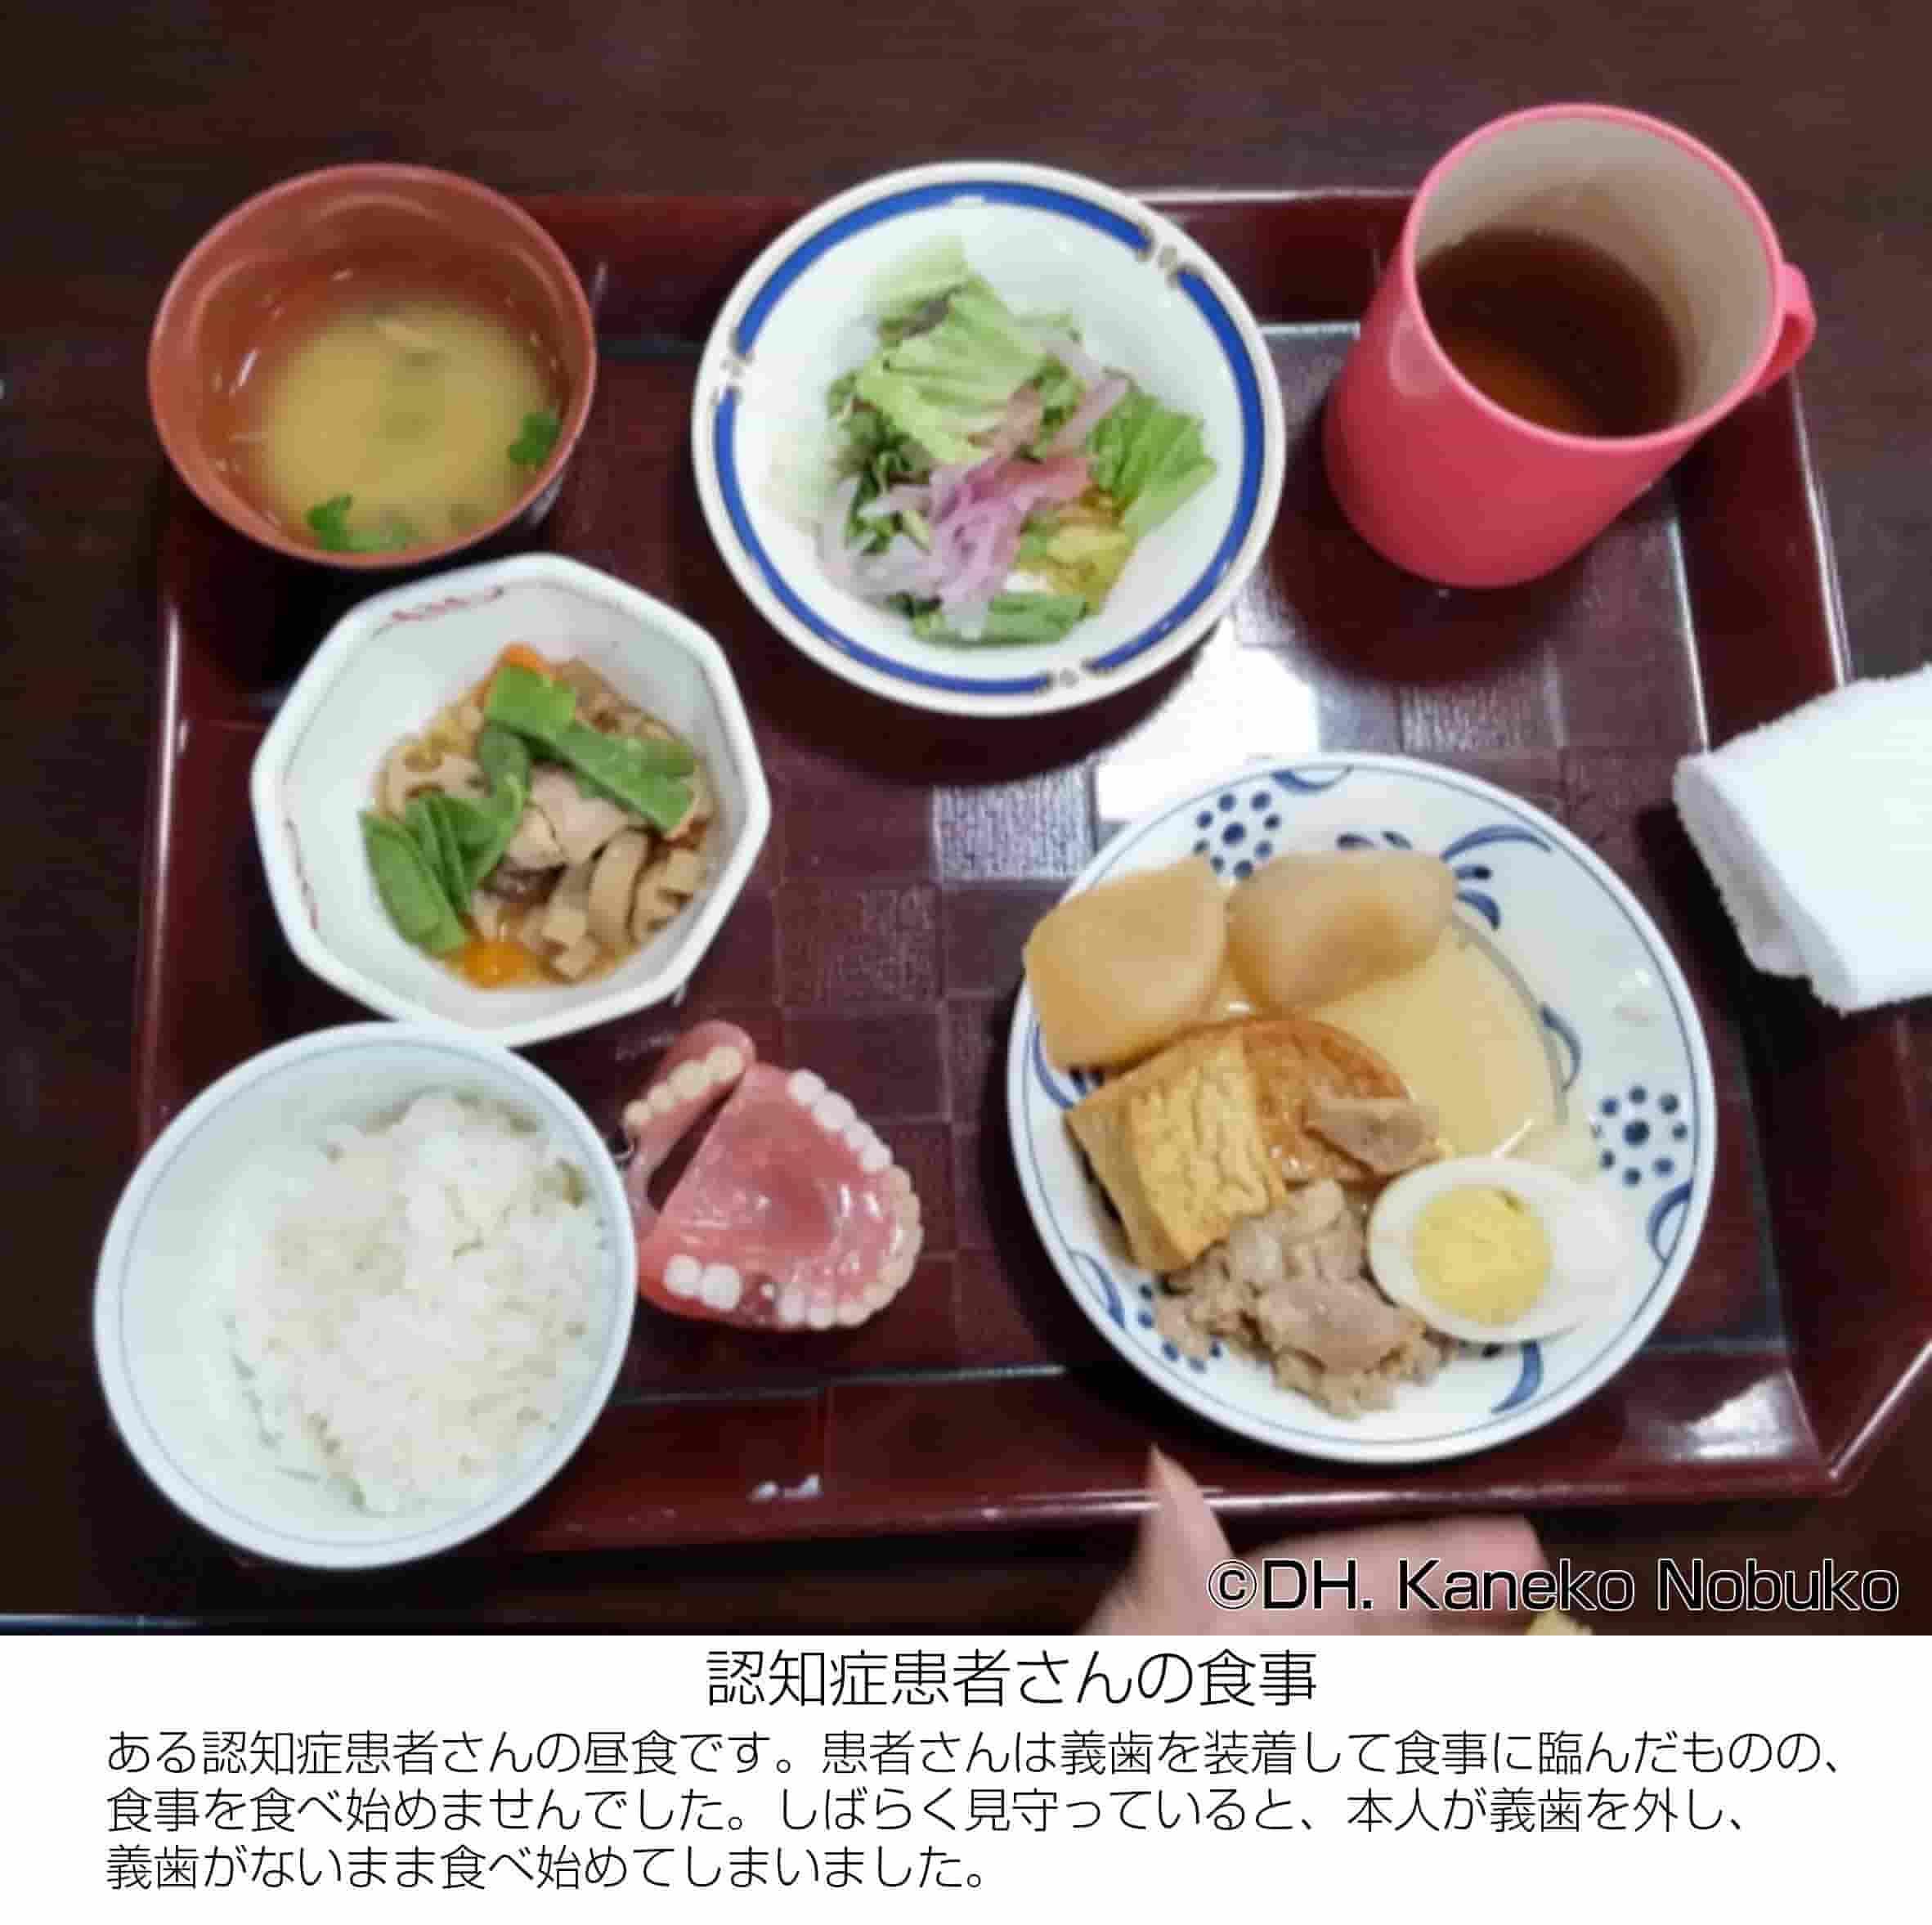 認知症患者さんの食事の写真